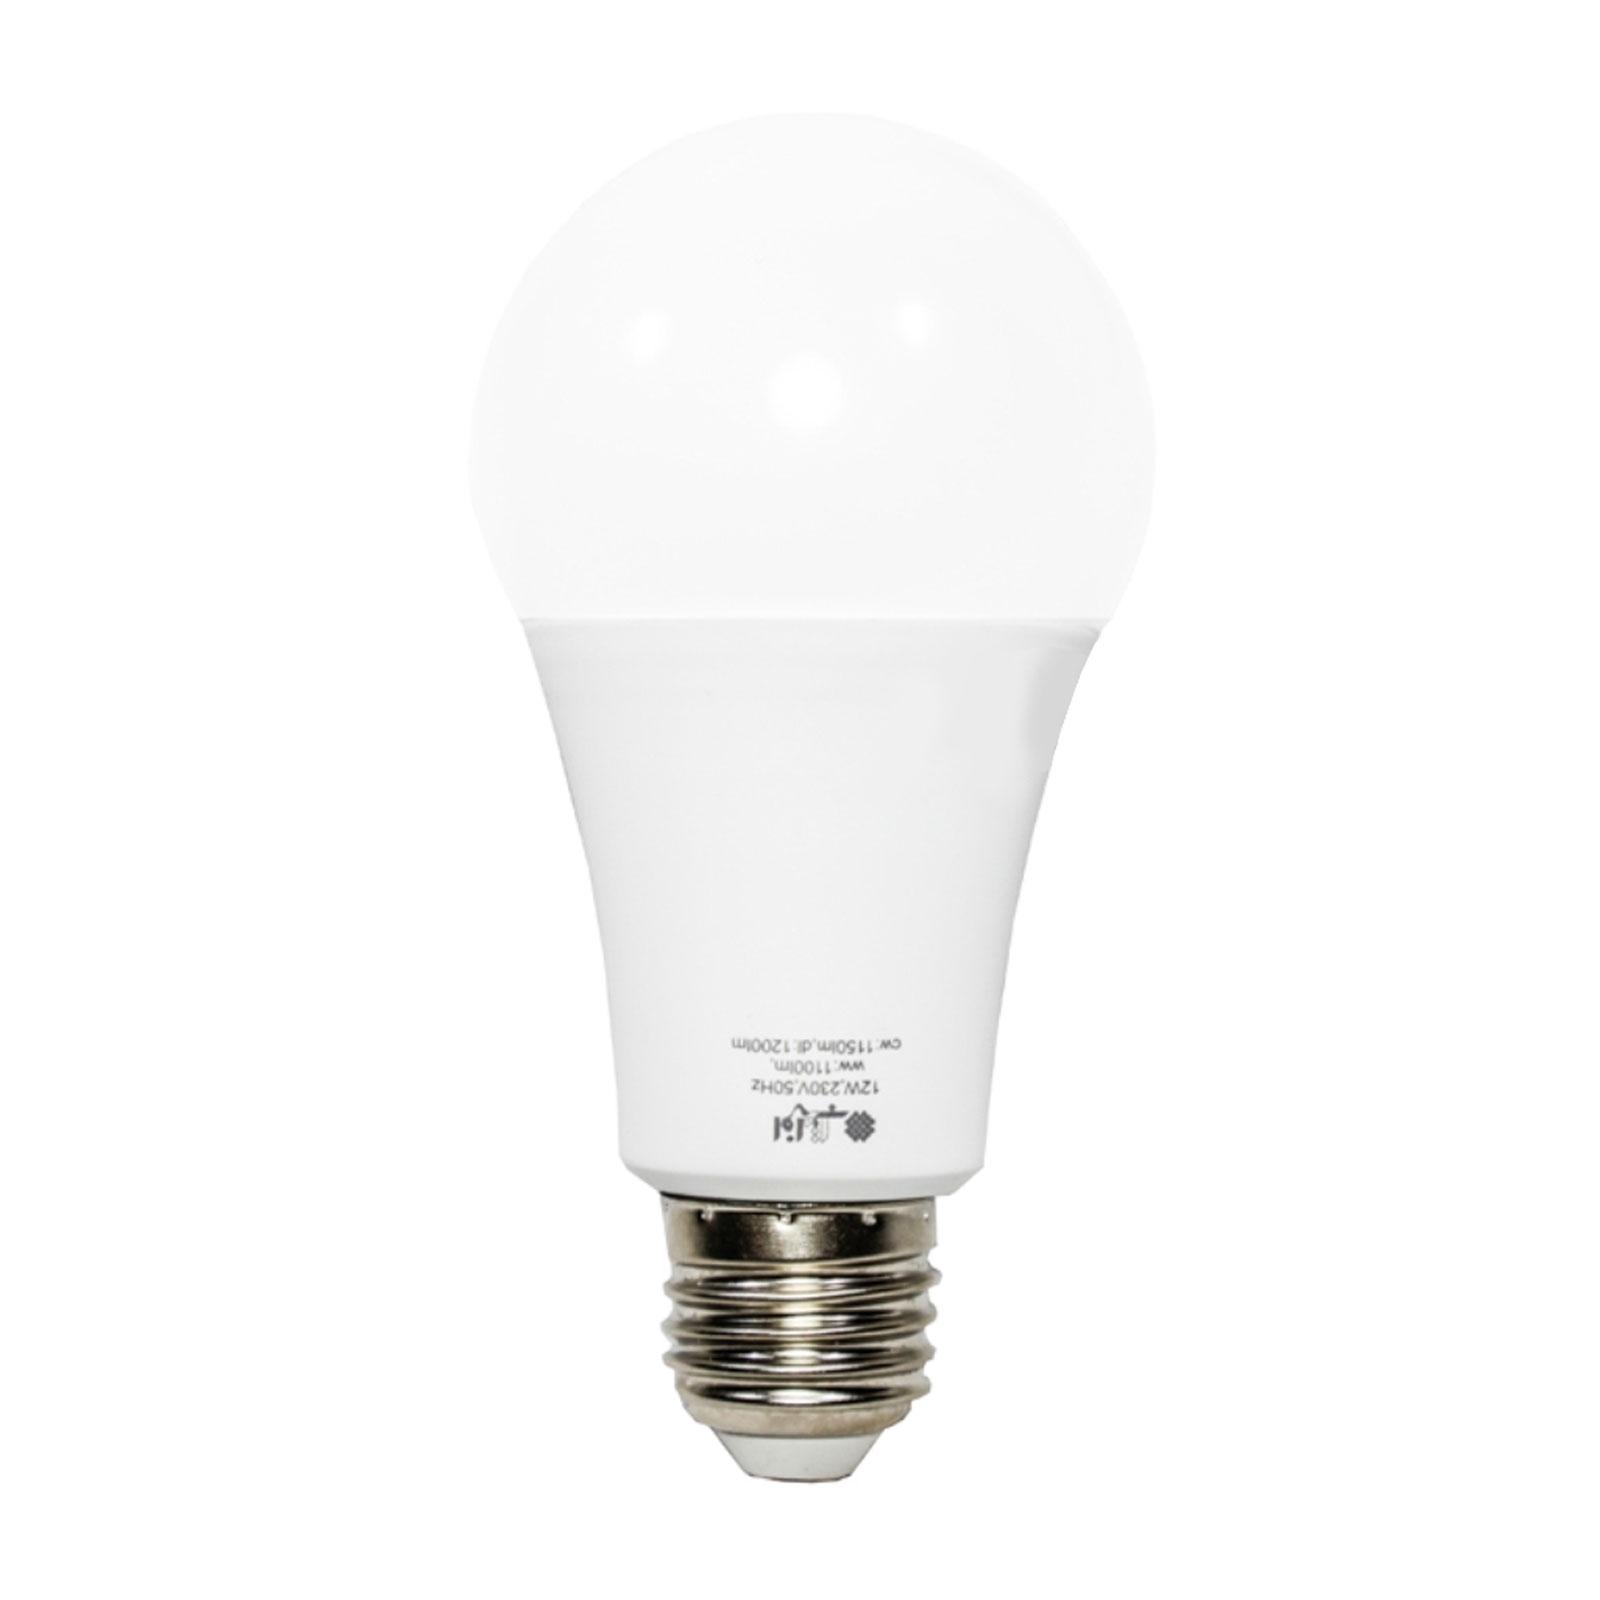 لامپ حبابی 12 وات ال ای دی LED افراتاب